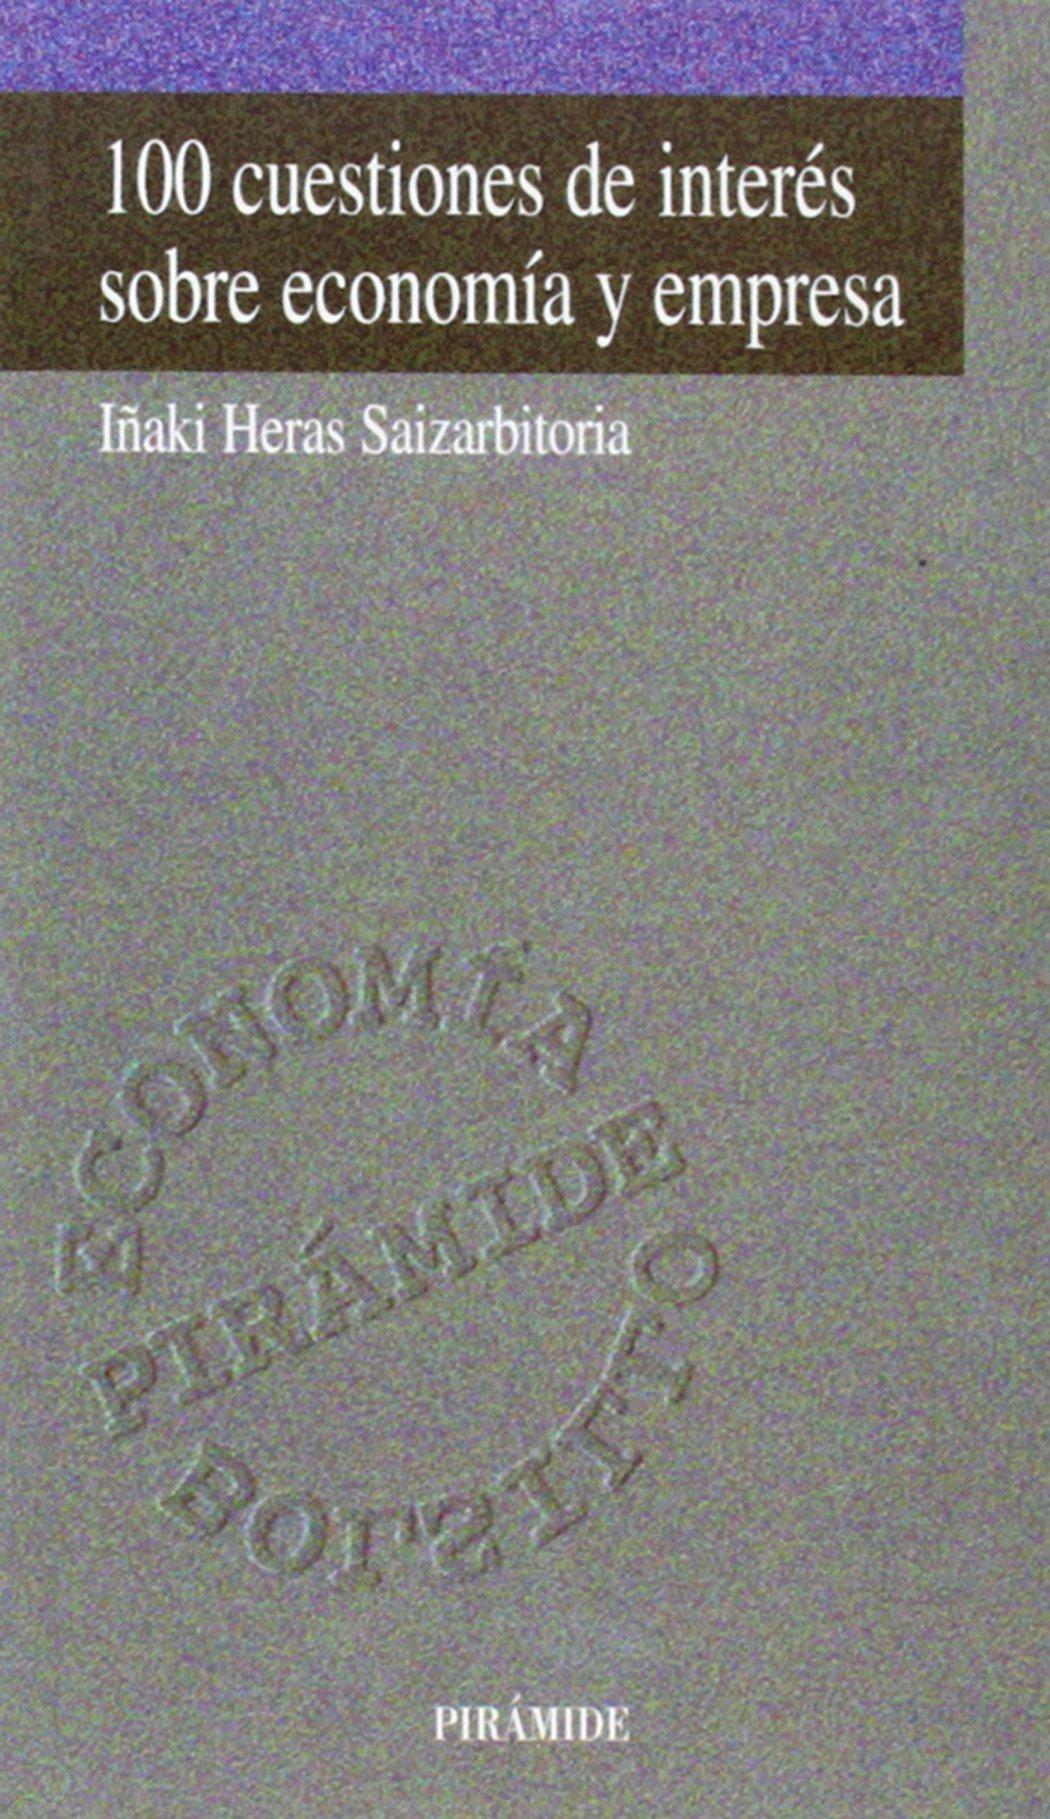 100 cuestiones de interes sobre economia y empresa / 100 Topics of Interest about Economics and Business (Economia Piramide Bolsillo) (Spanish Edition) pdf